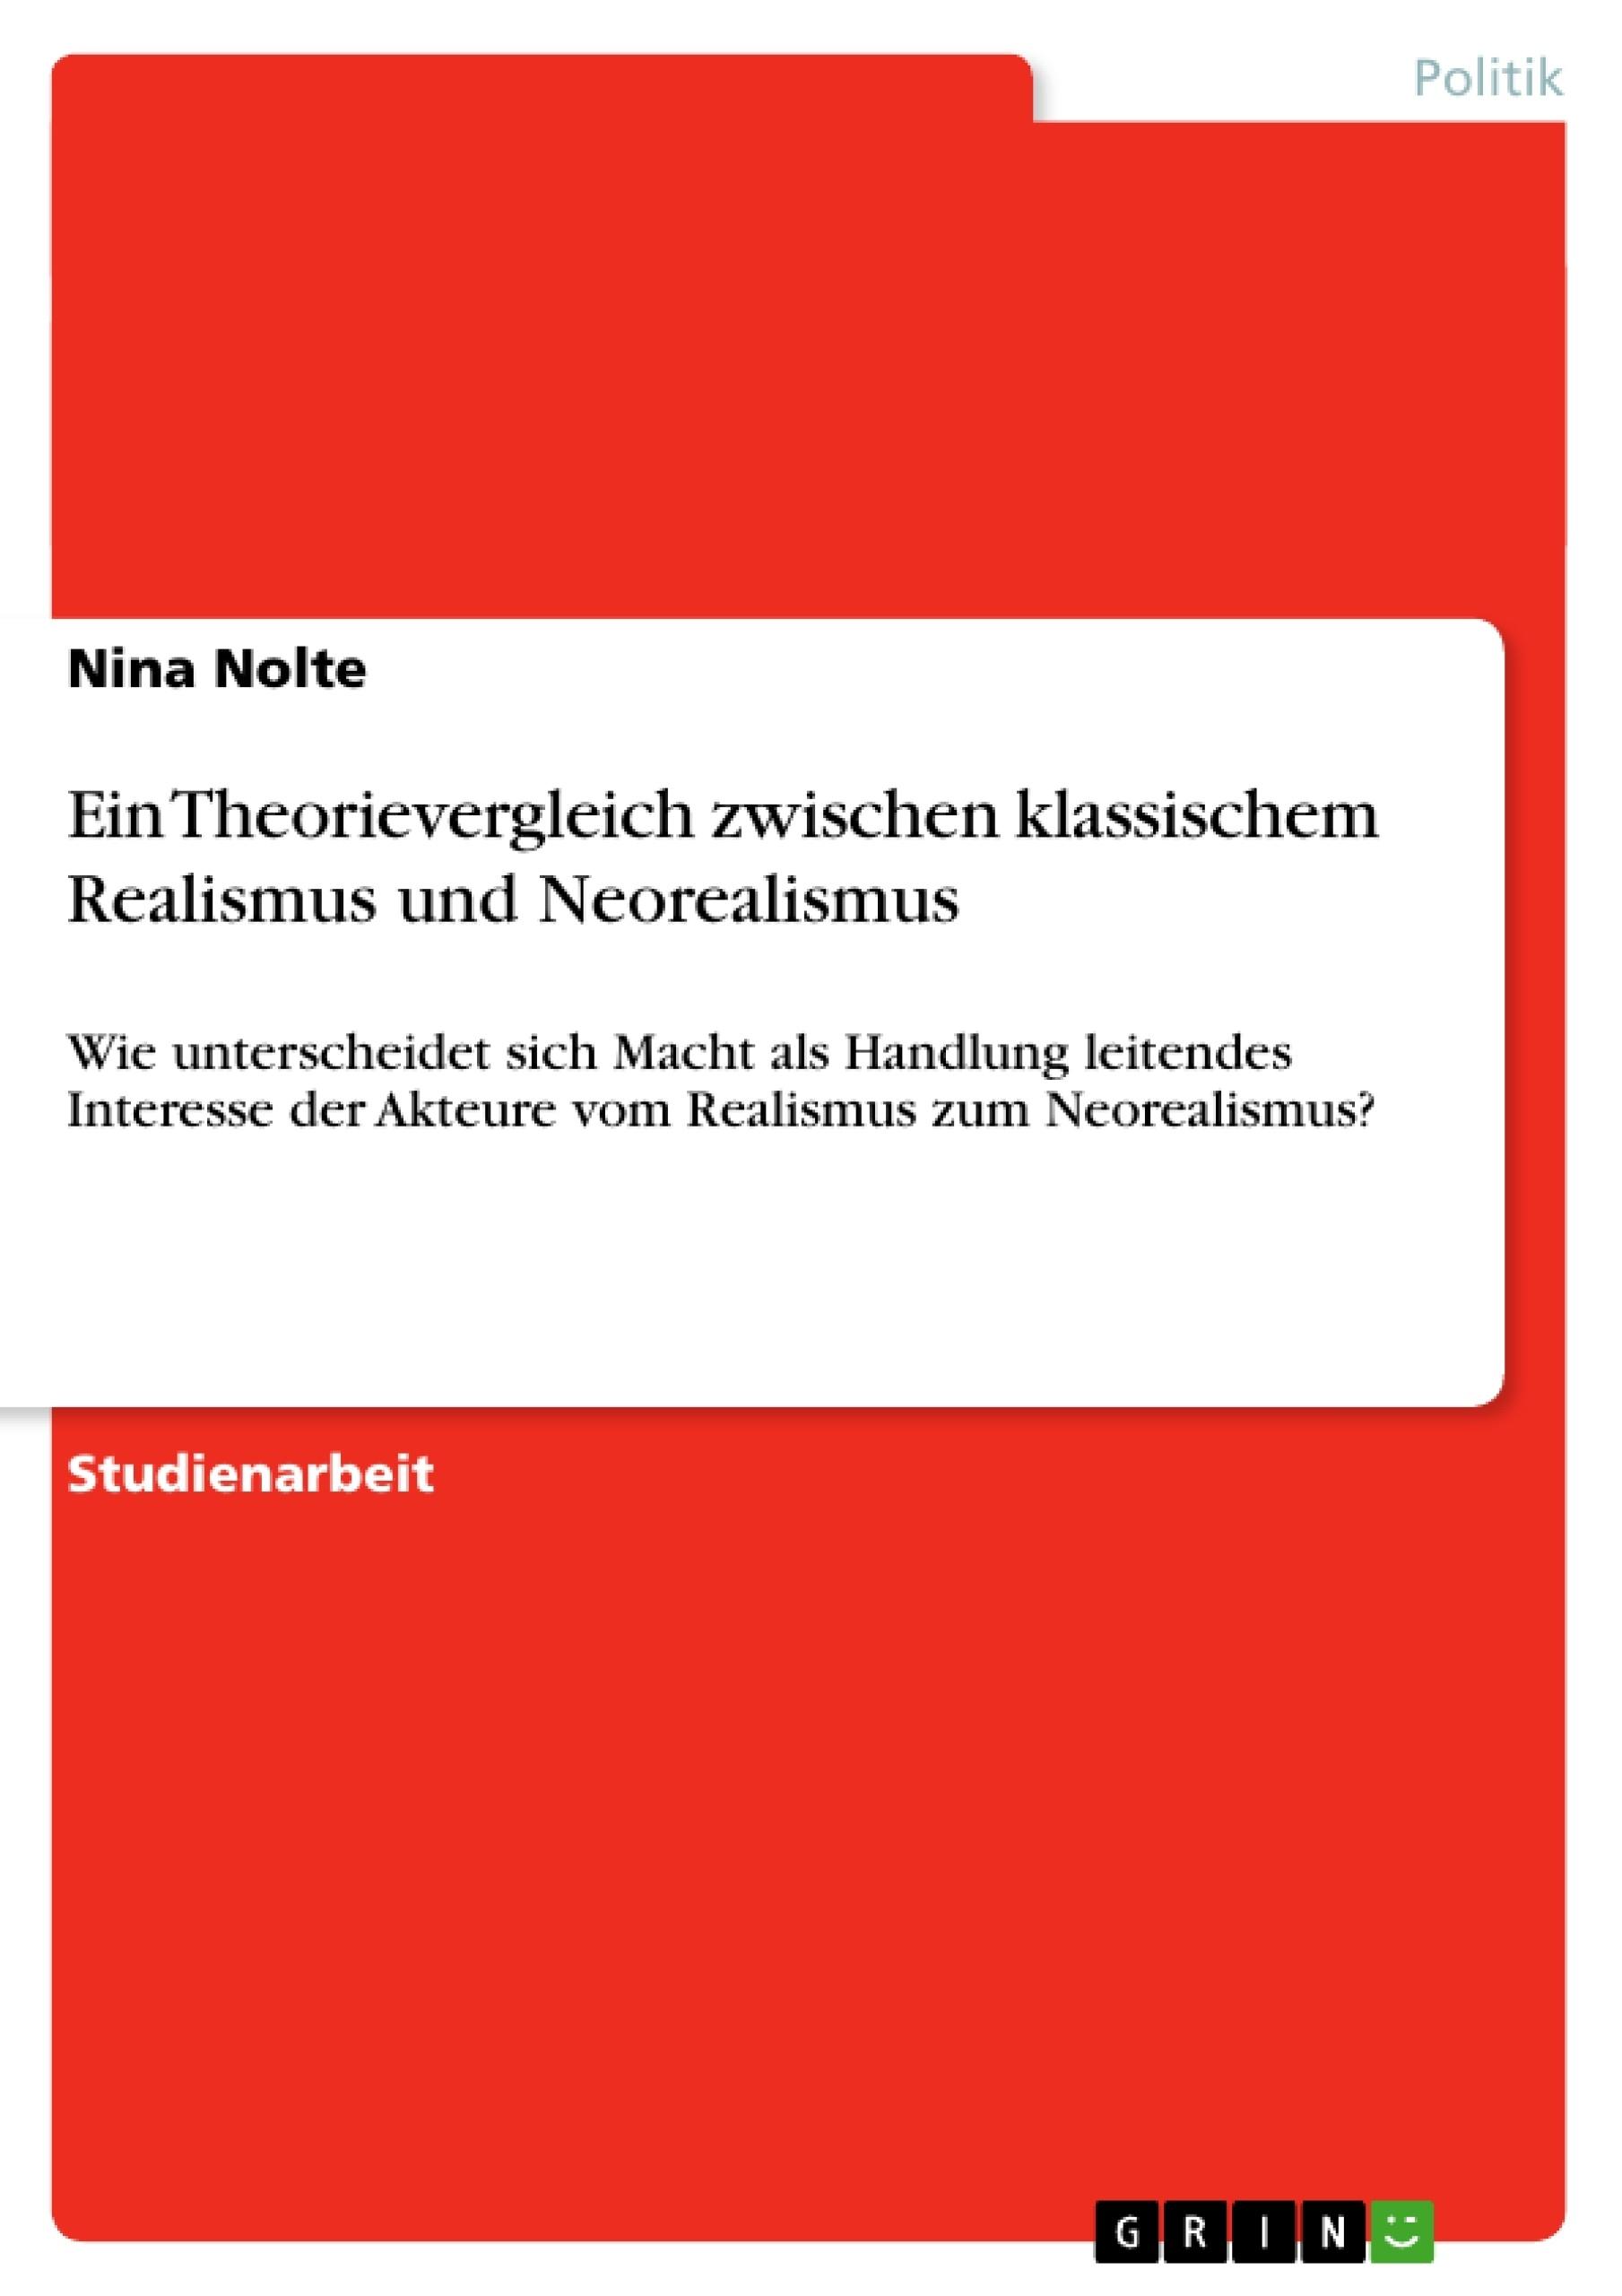 Titel: Ein Theorievergleich zwischen klassischem Realismus und Neorealismus